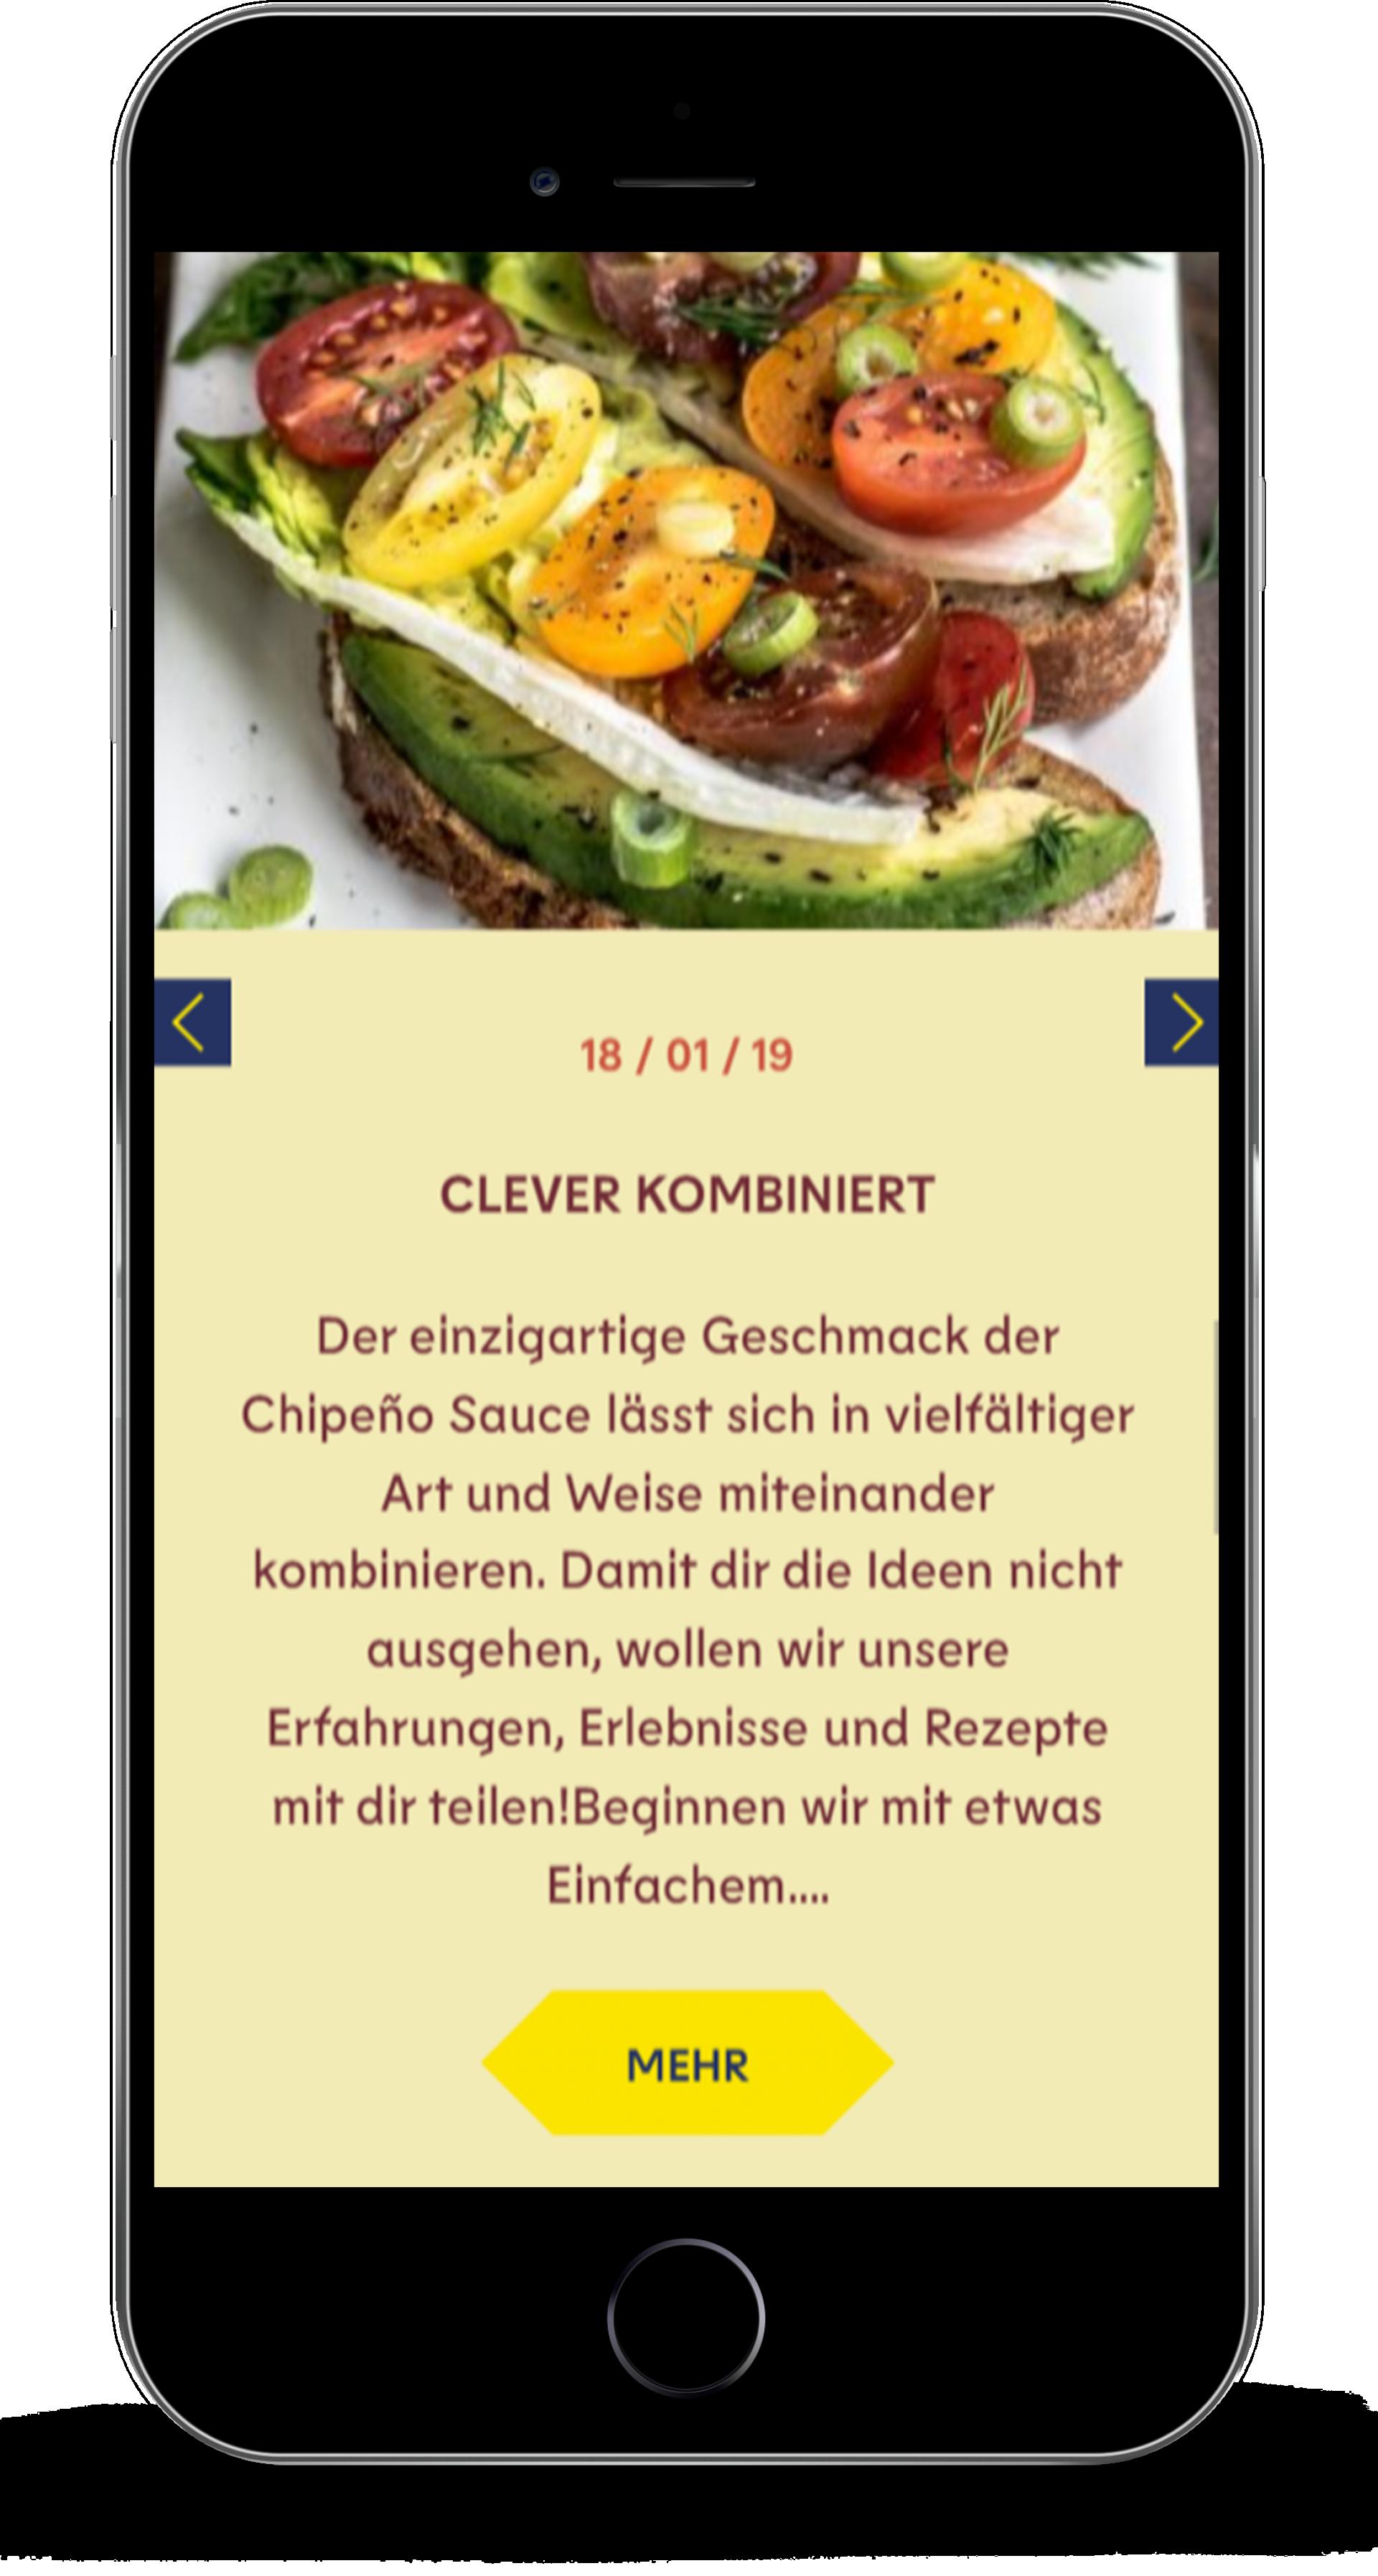 Chipeno mobile2